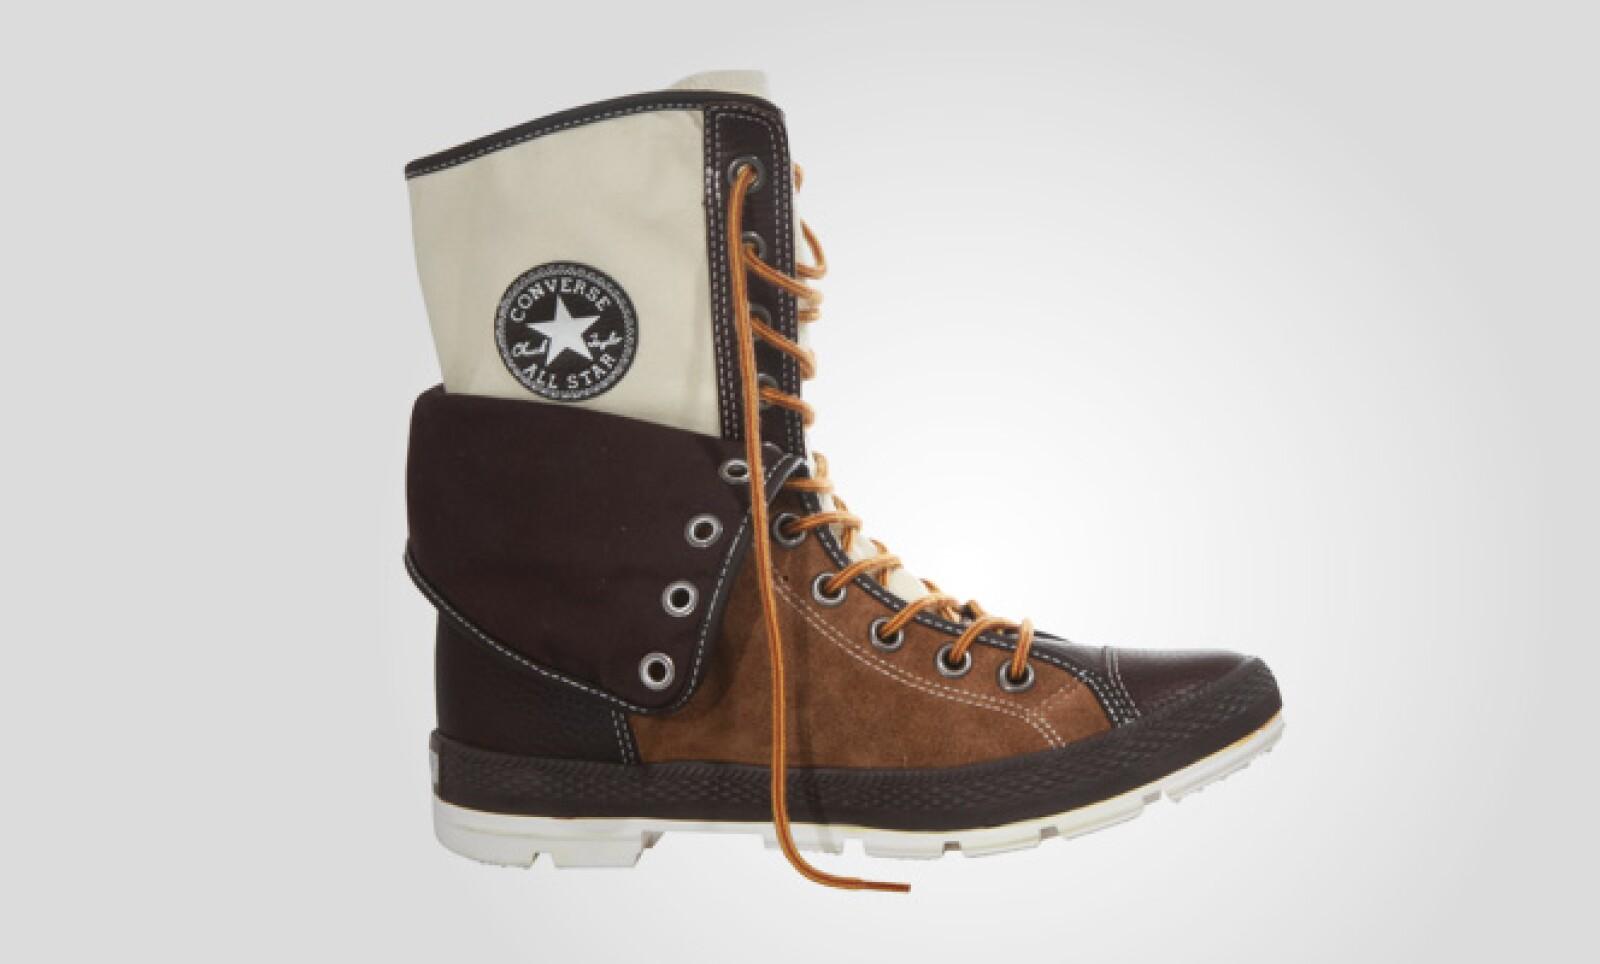 La marca estadounidense presentó su colección de botines para el otoño, con base en colores ocres y oscuros.